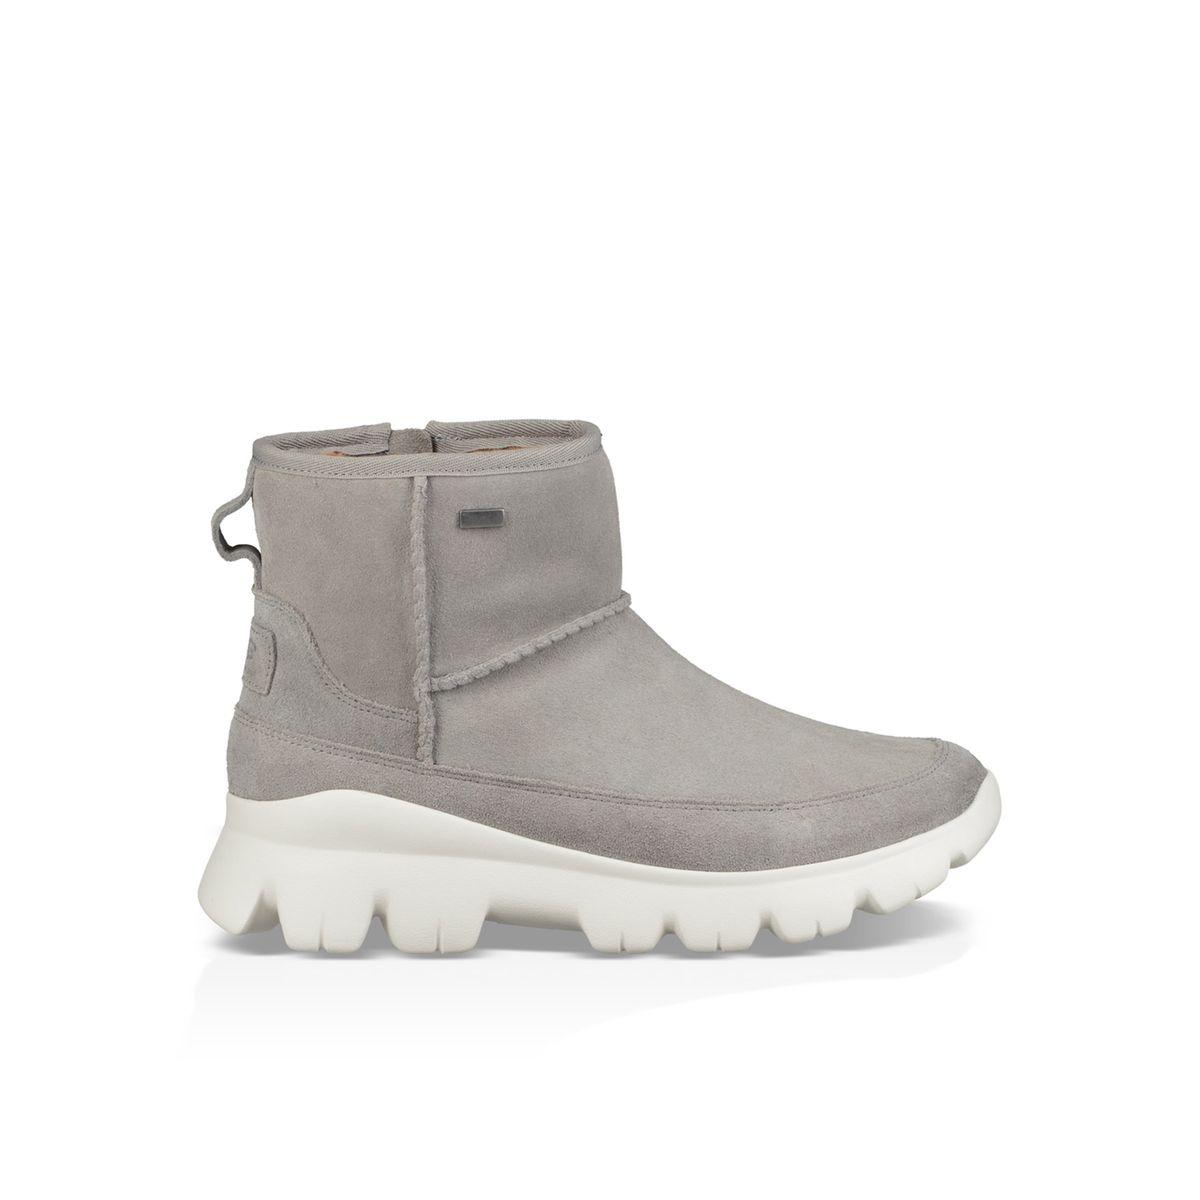 Boots PALOMAR SNEAKER